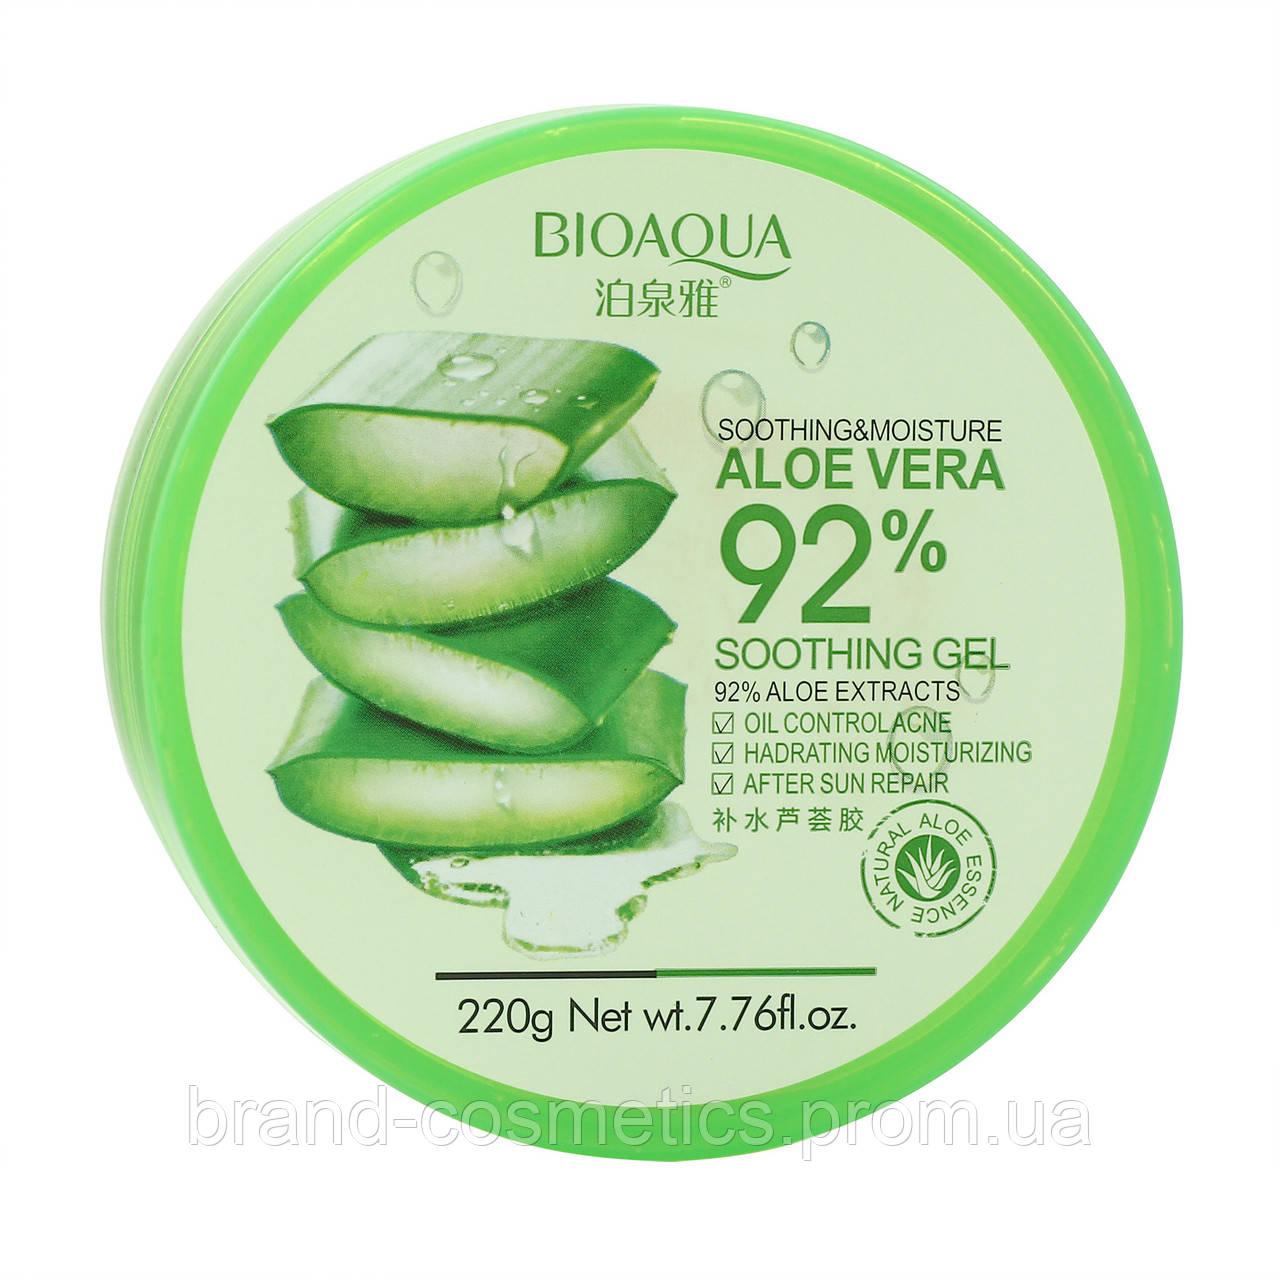 Гель для лица и тела Bioaqua Aloe Vera 92% Soothing Gel